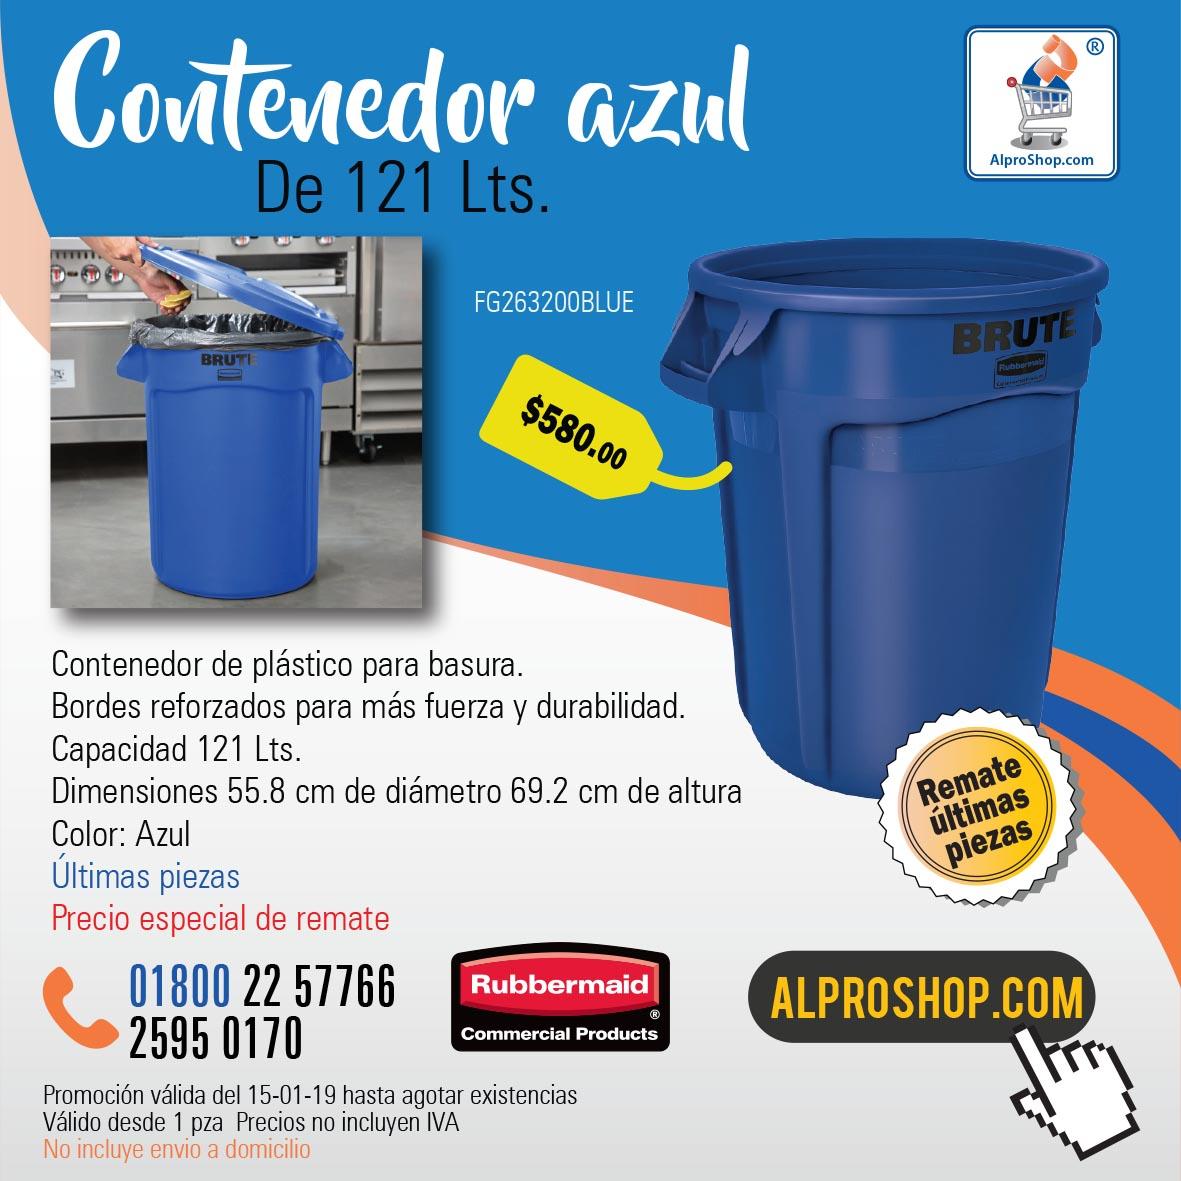 contenedor-azul-de-121-lts.jpg